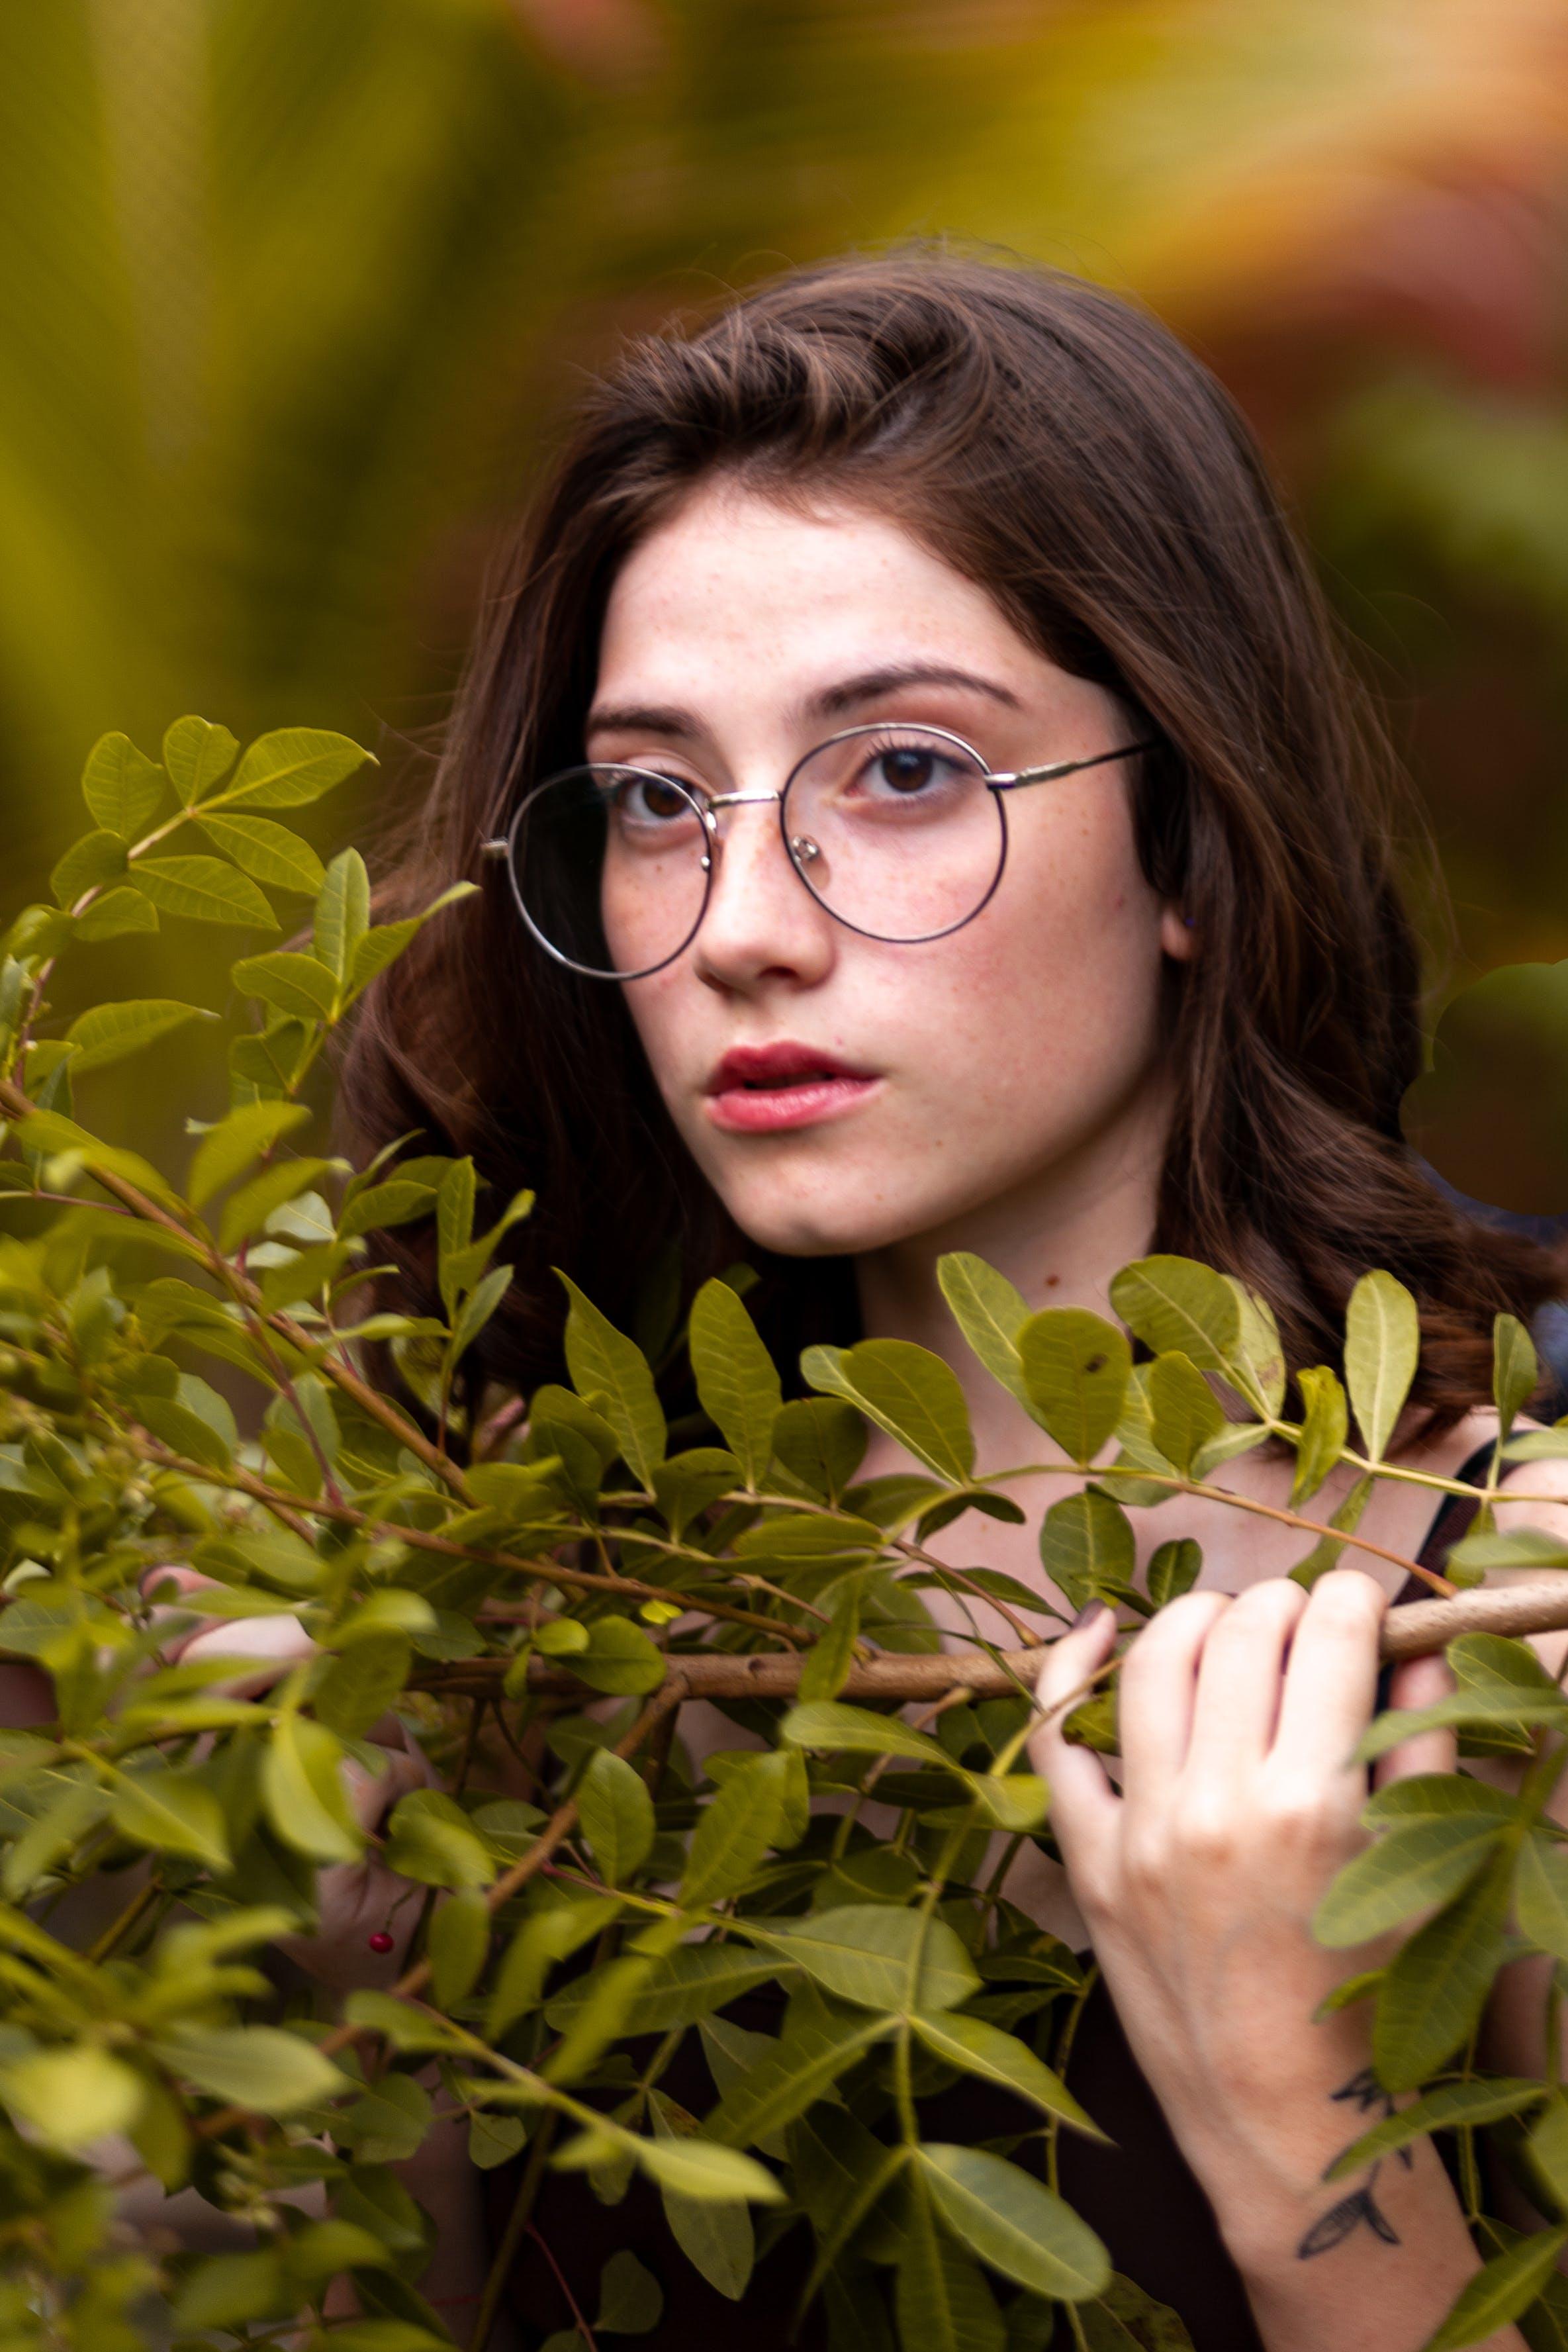 Woman Posing Behind Green Leaves